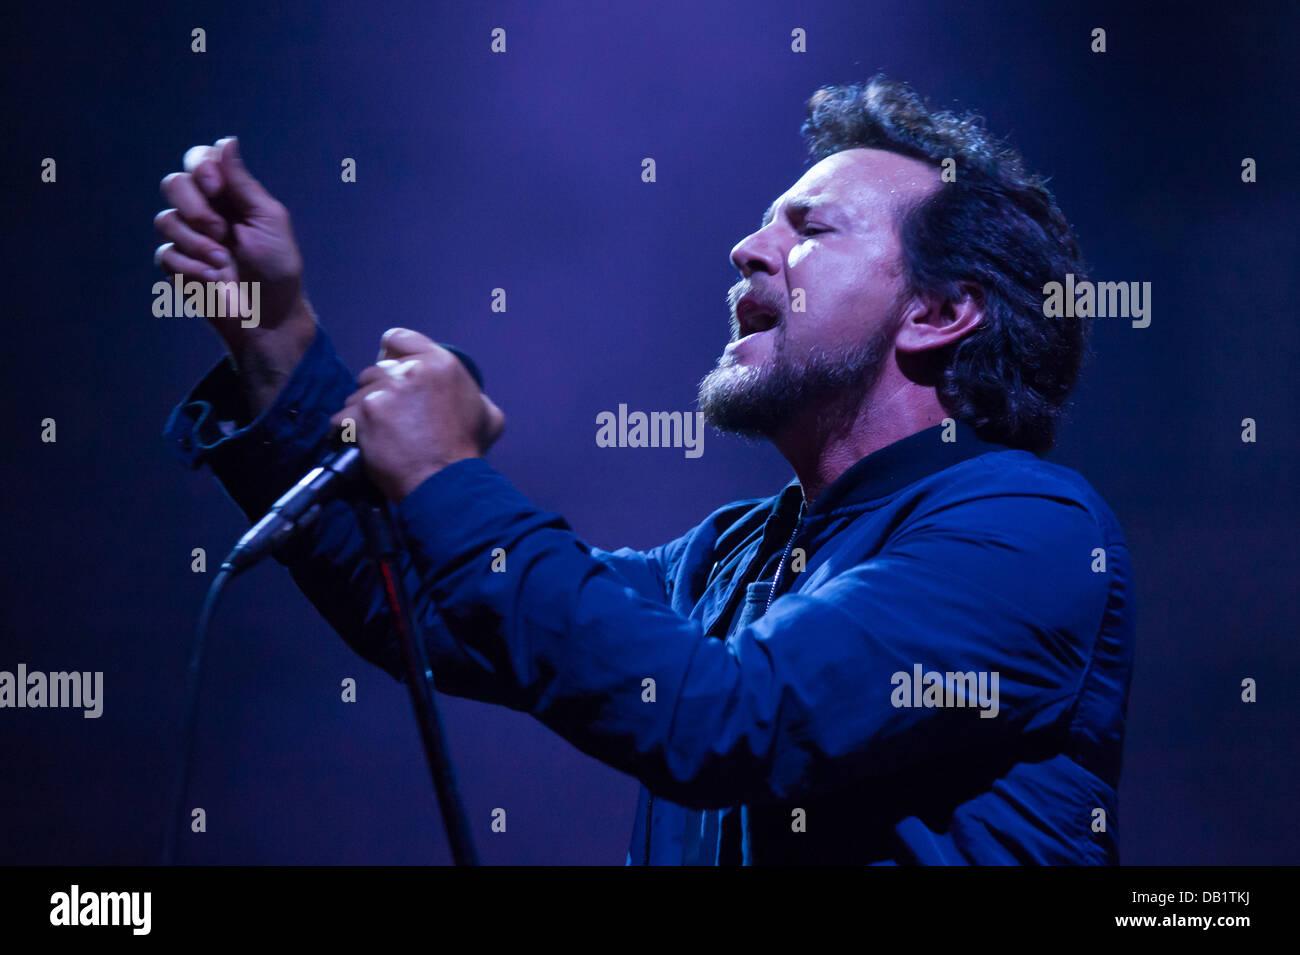 Eddie Vedder Stock Photos & Eddie Vedder Stock Images - Alamy